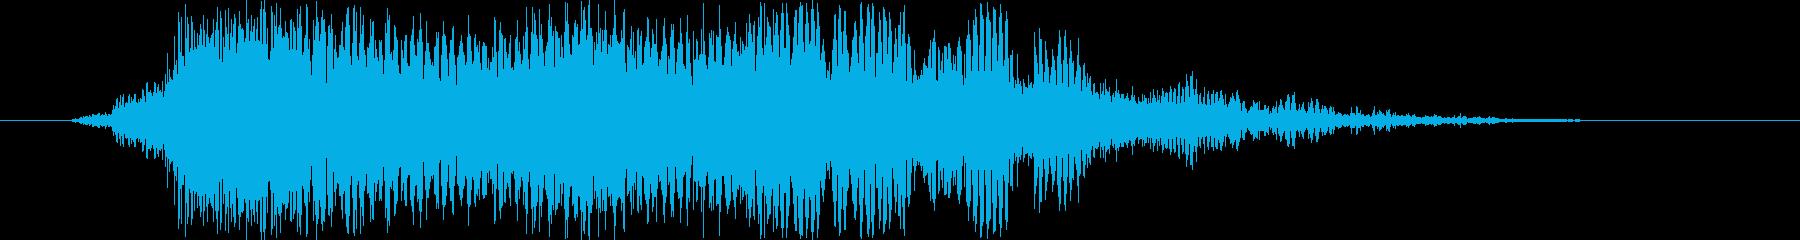 フィクション 電力装置 崩壊12の再生済みの波形